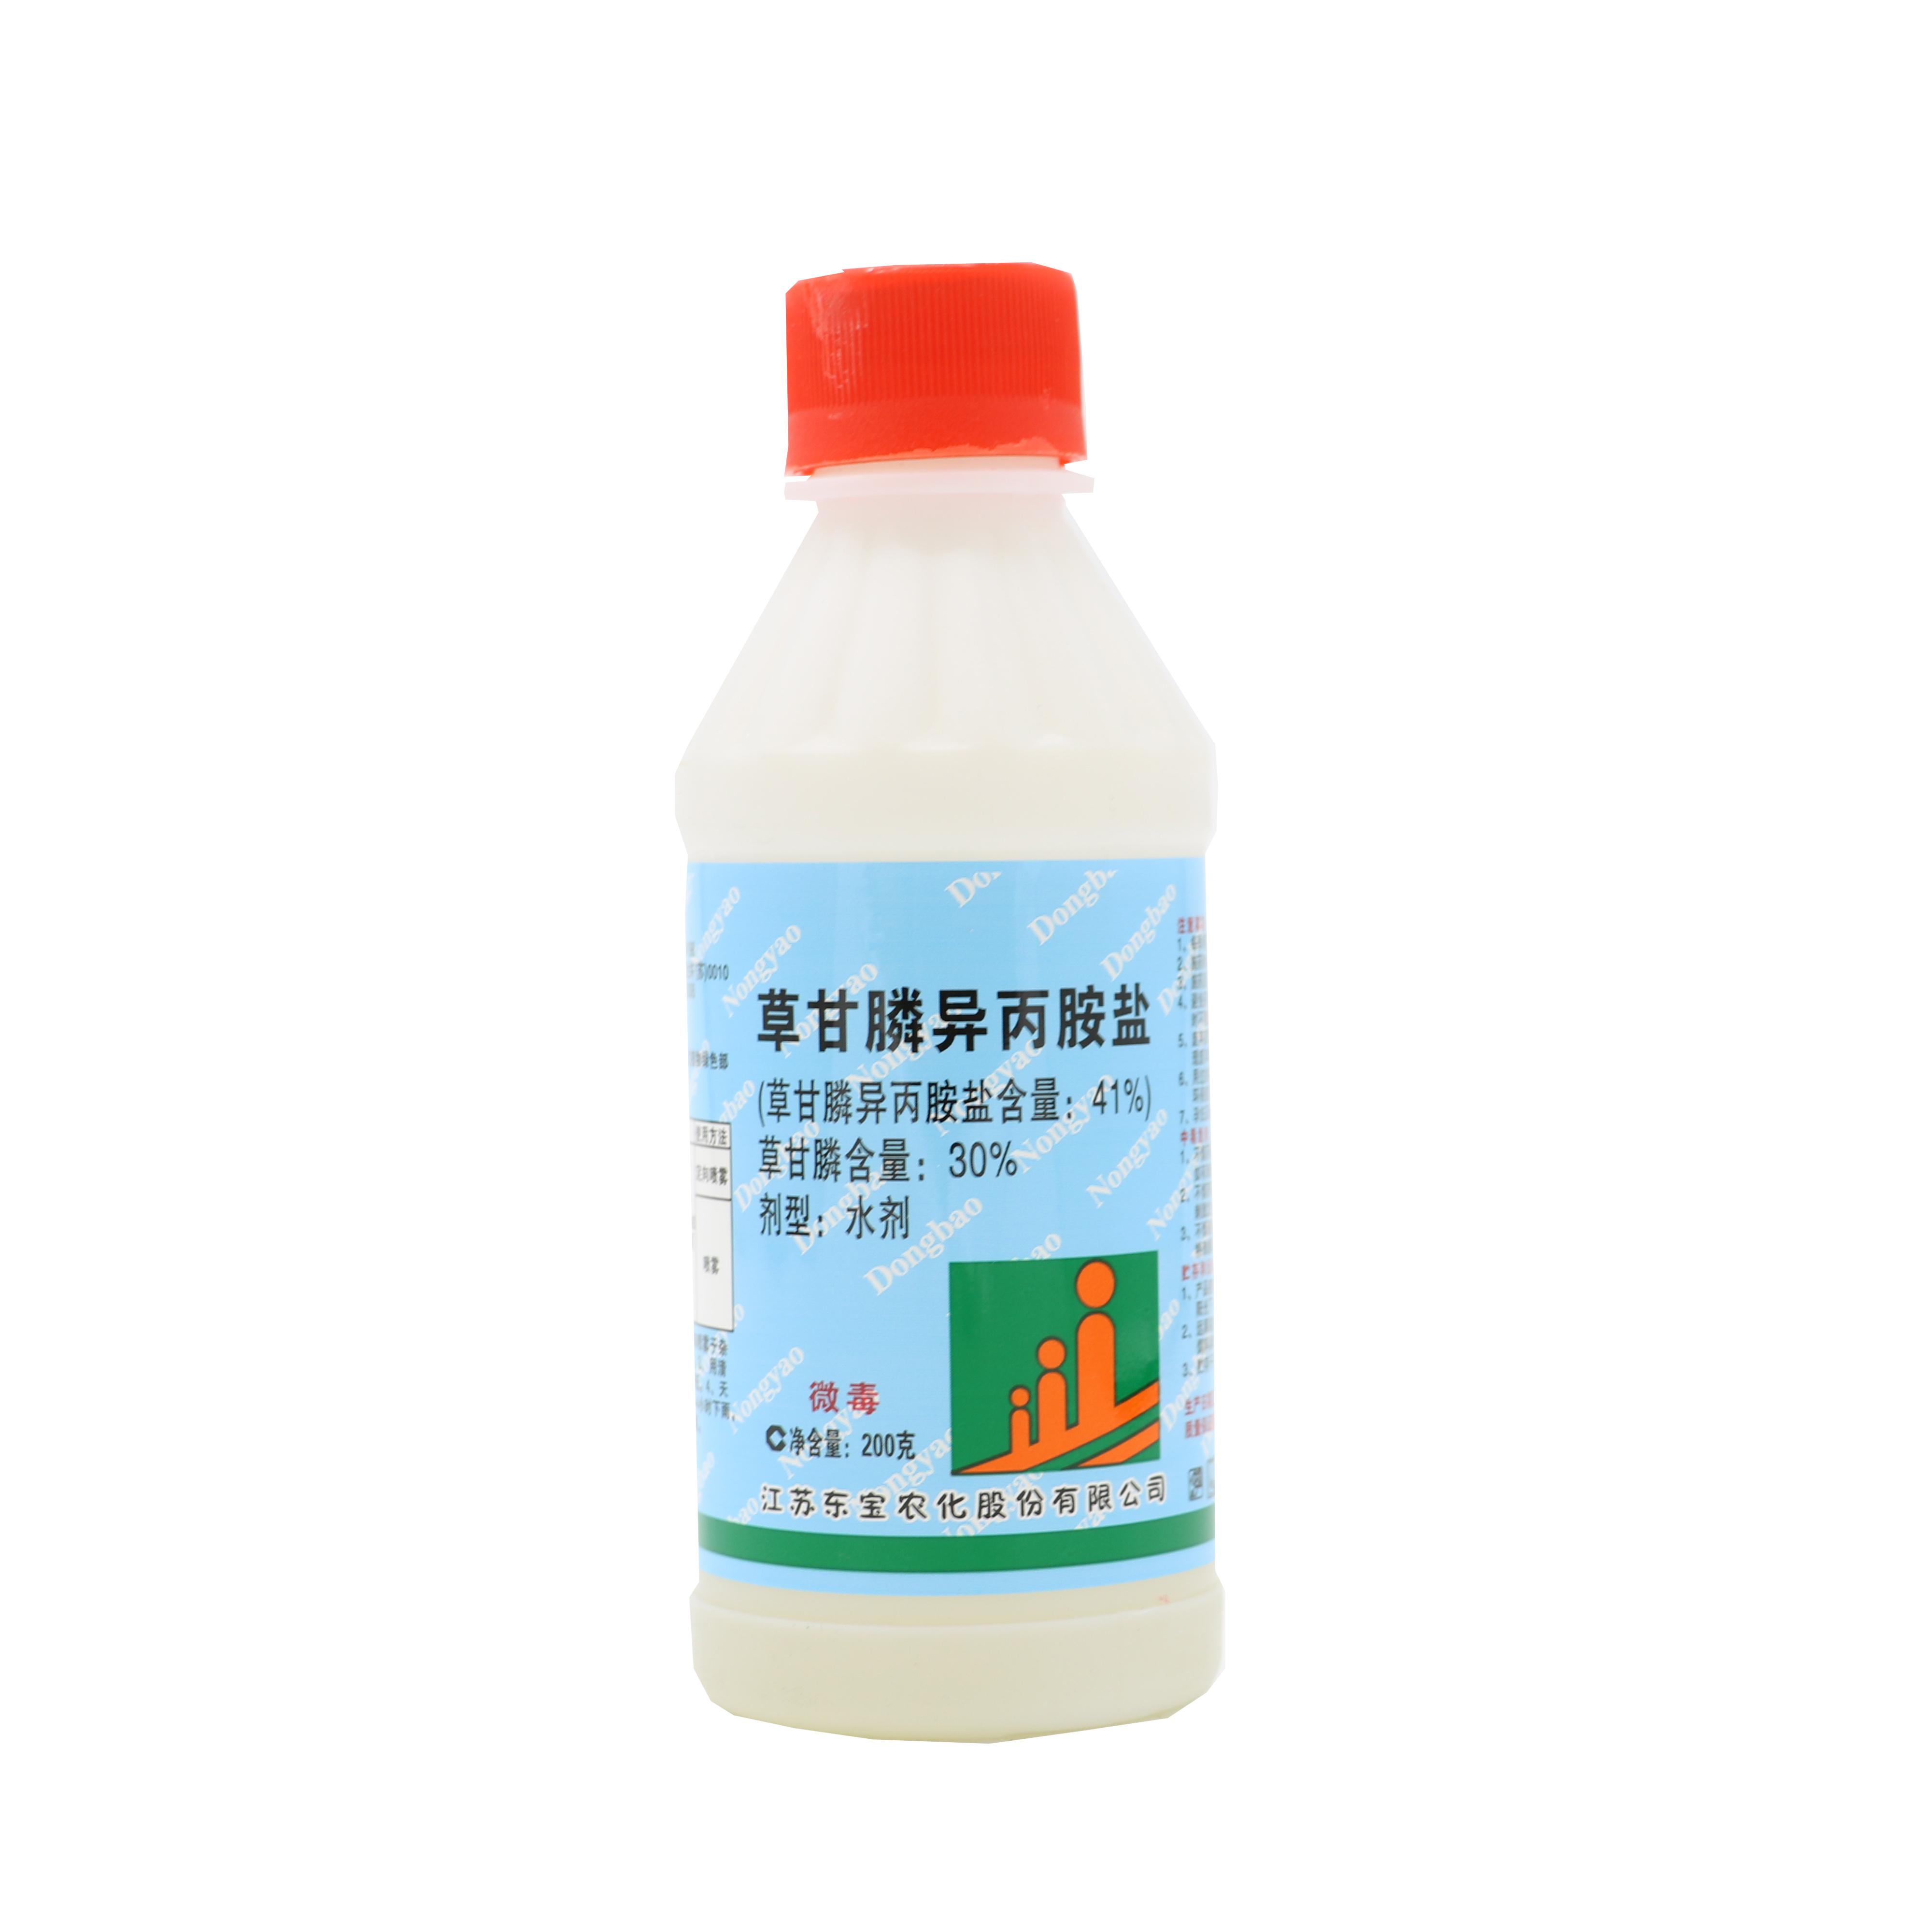 东宝41%草甘膦异丙胺盐果园荒地杂草烂根型灭生性除草剂200g*10瓶